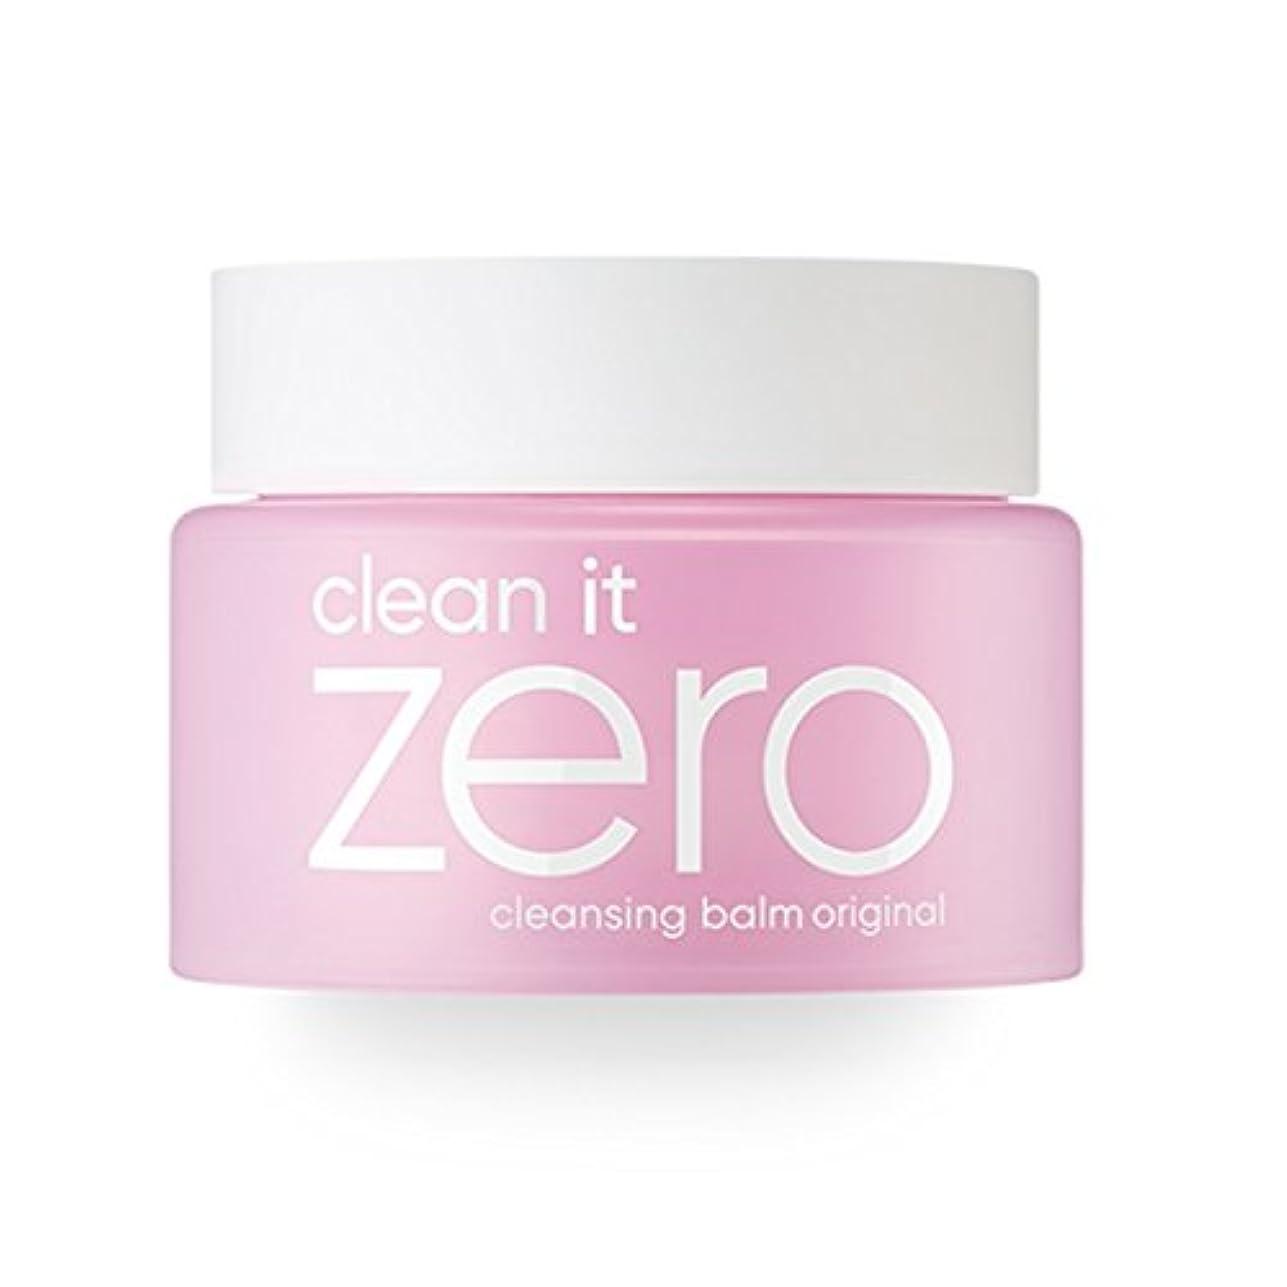 シーボード三参加者Banila.co クリーン イット ゼロ クレンジングバーム オリジナル / Clean it Zero Cleansing Balm Original (100ml)